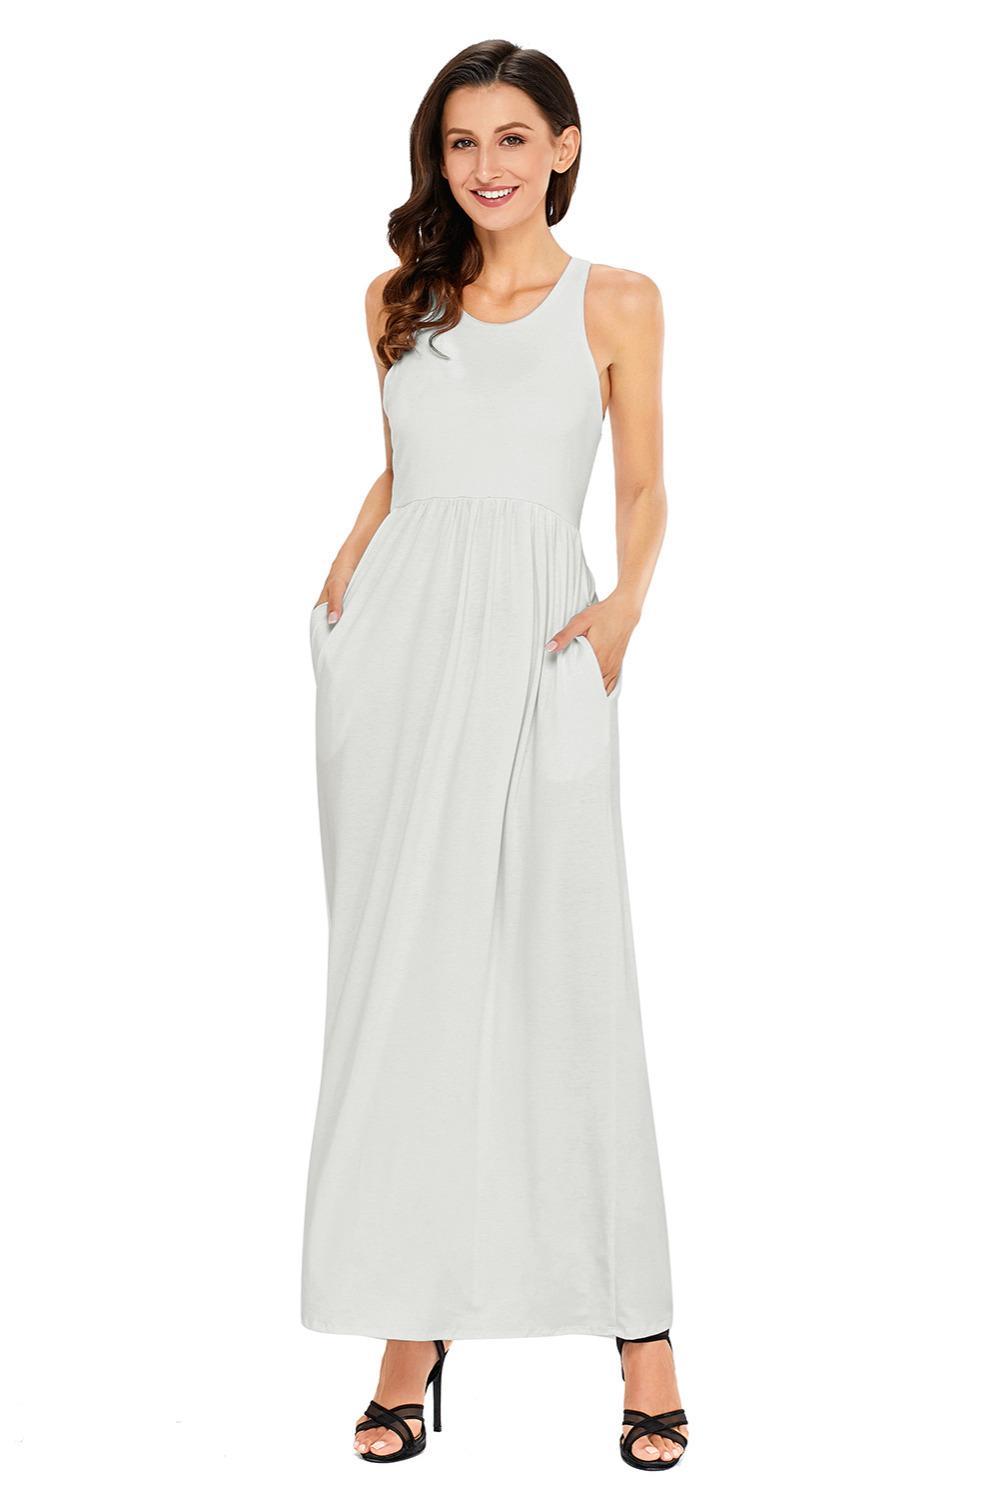 10a432d62d7 Acheter Sexy Lady Femmes Hobo Printemps Plage Casual Vêtements Longues Robe  Longue Plus La Taille Blanc Racerback Maxi Dress Avec Poche S M L XL Xxl  61647 ...